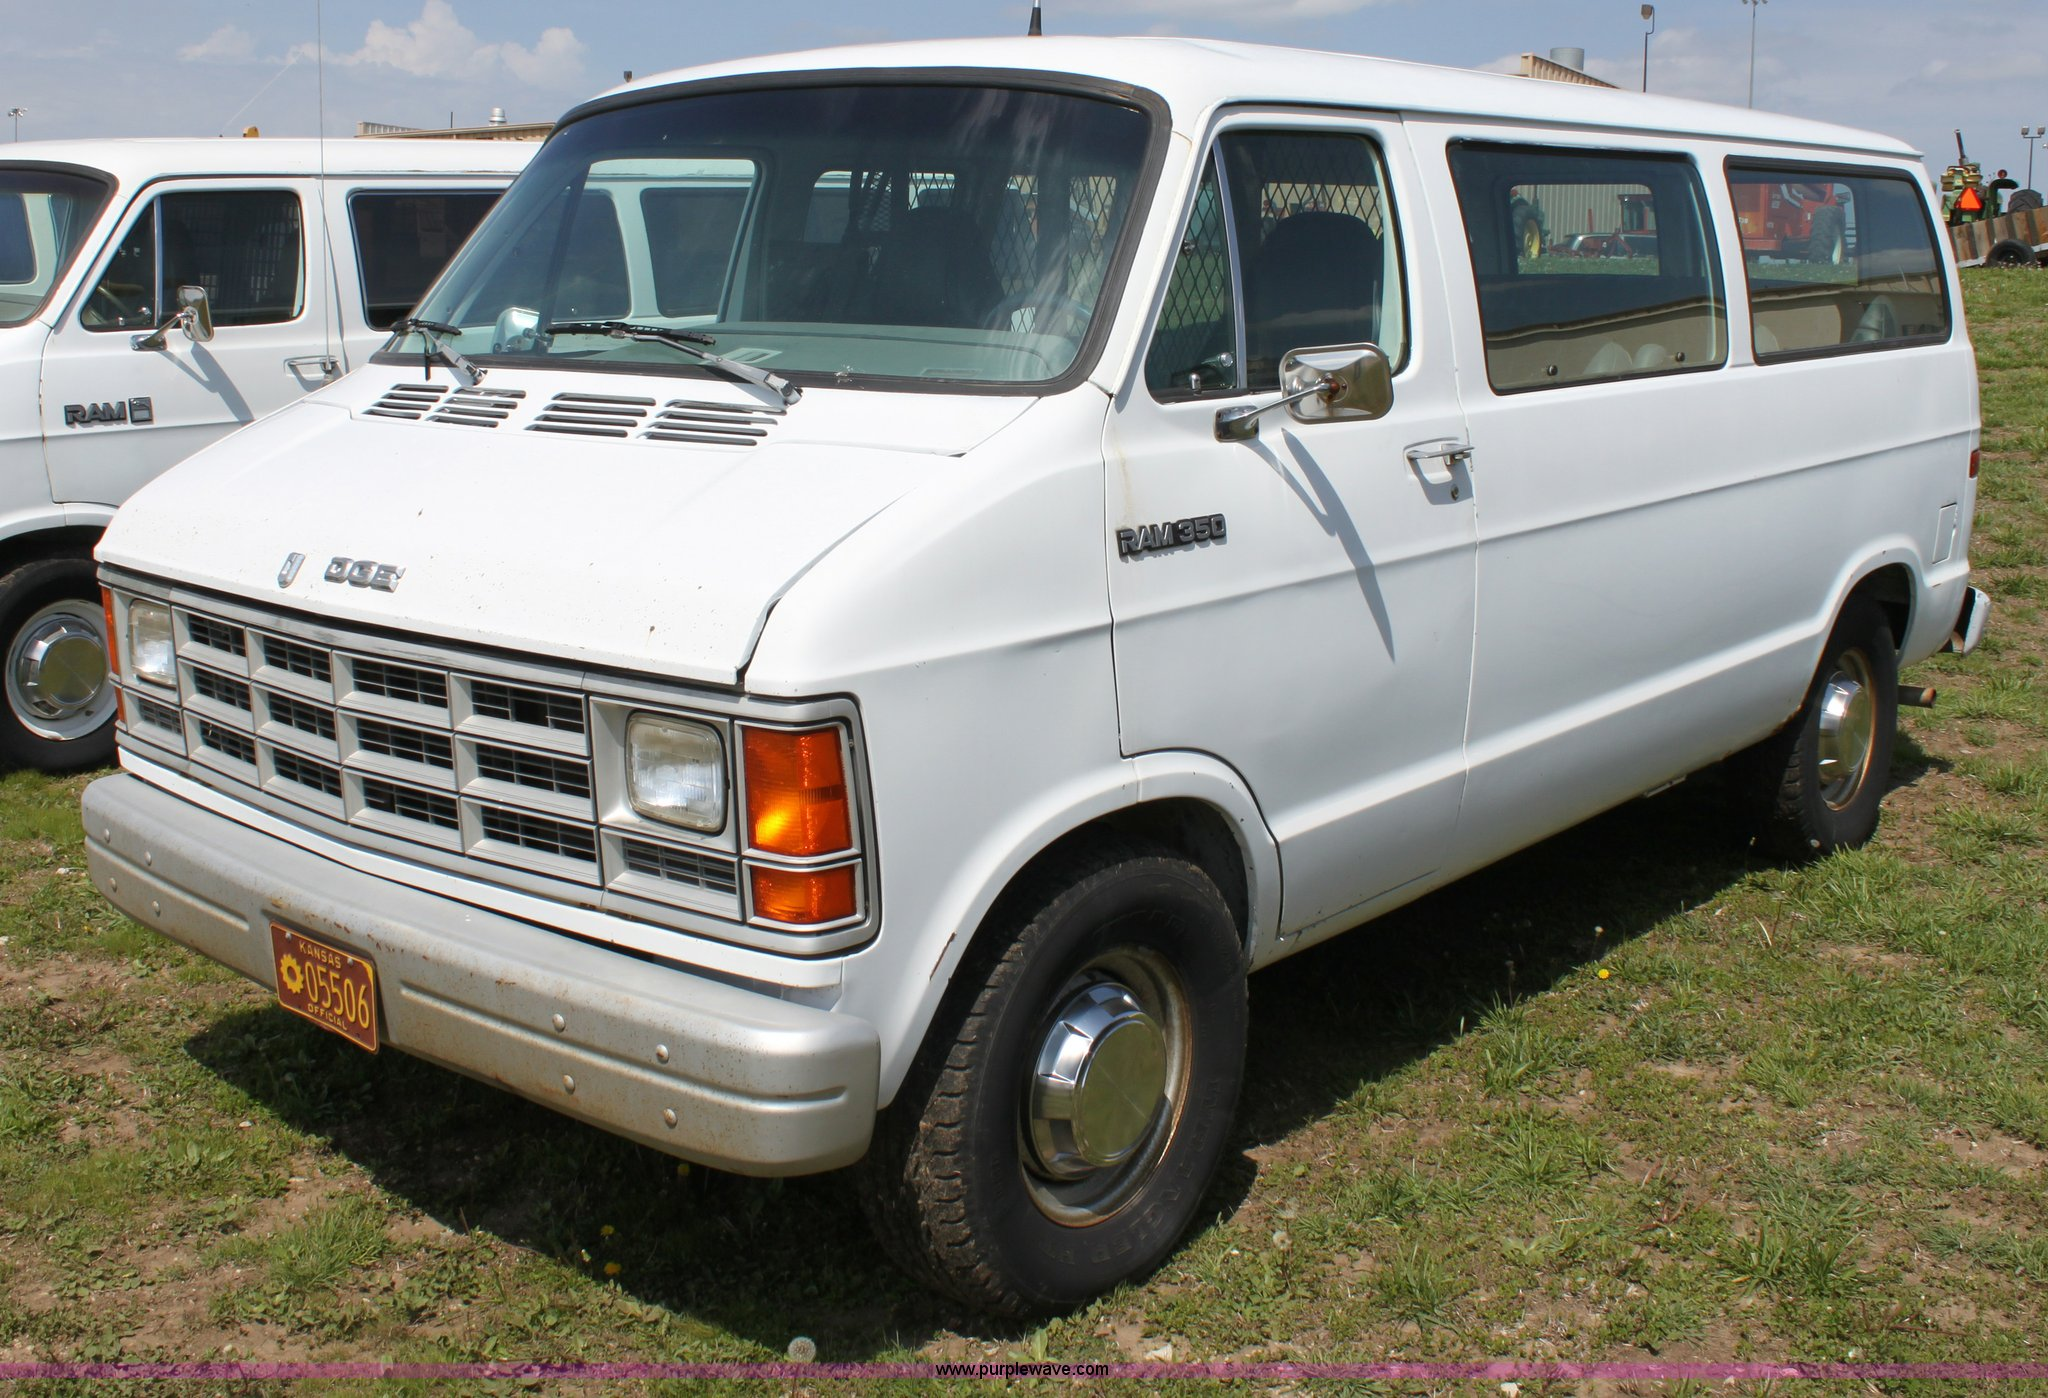 1991 dodge ram b350 van full size in new window